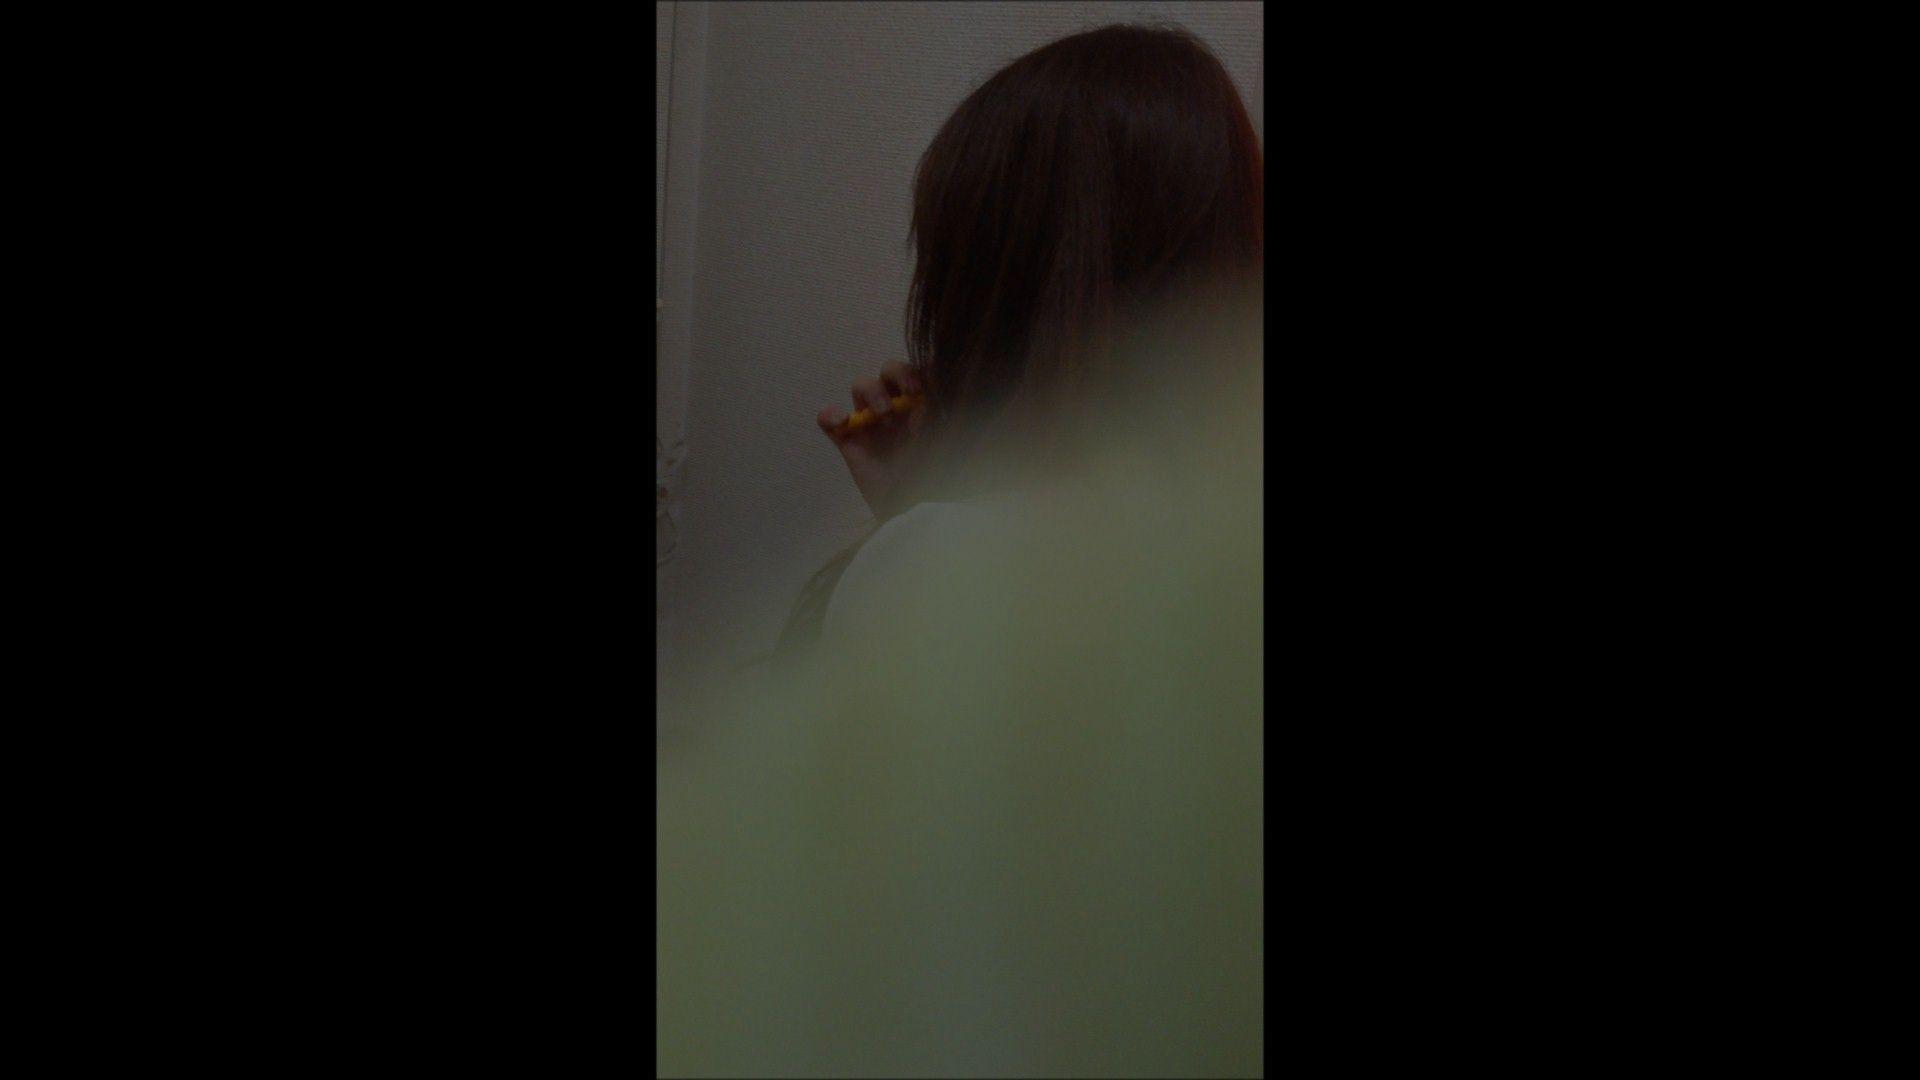 08(8日目)メイク中の彼女の顔を撮りました! マンコ特集 | オマンコ丸見え  59連発 51